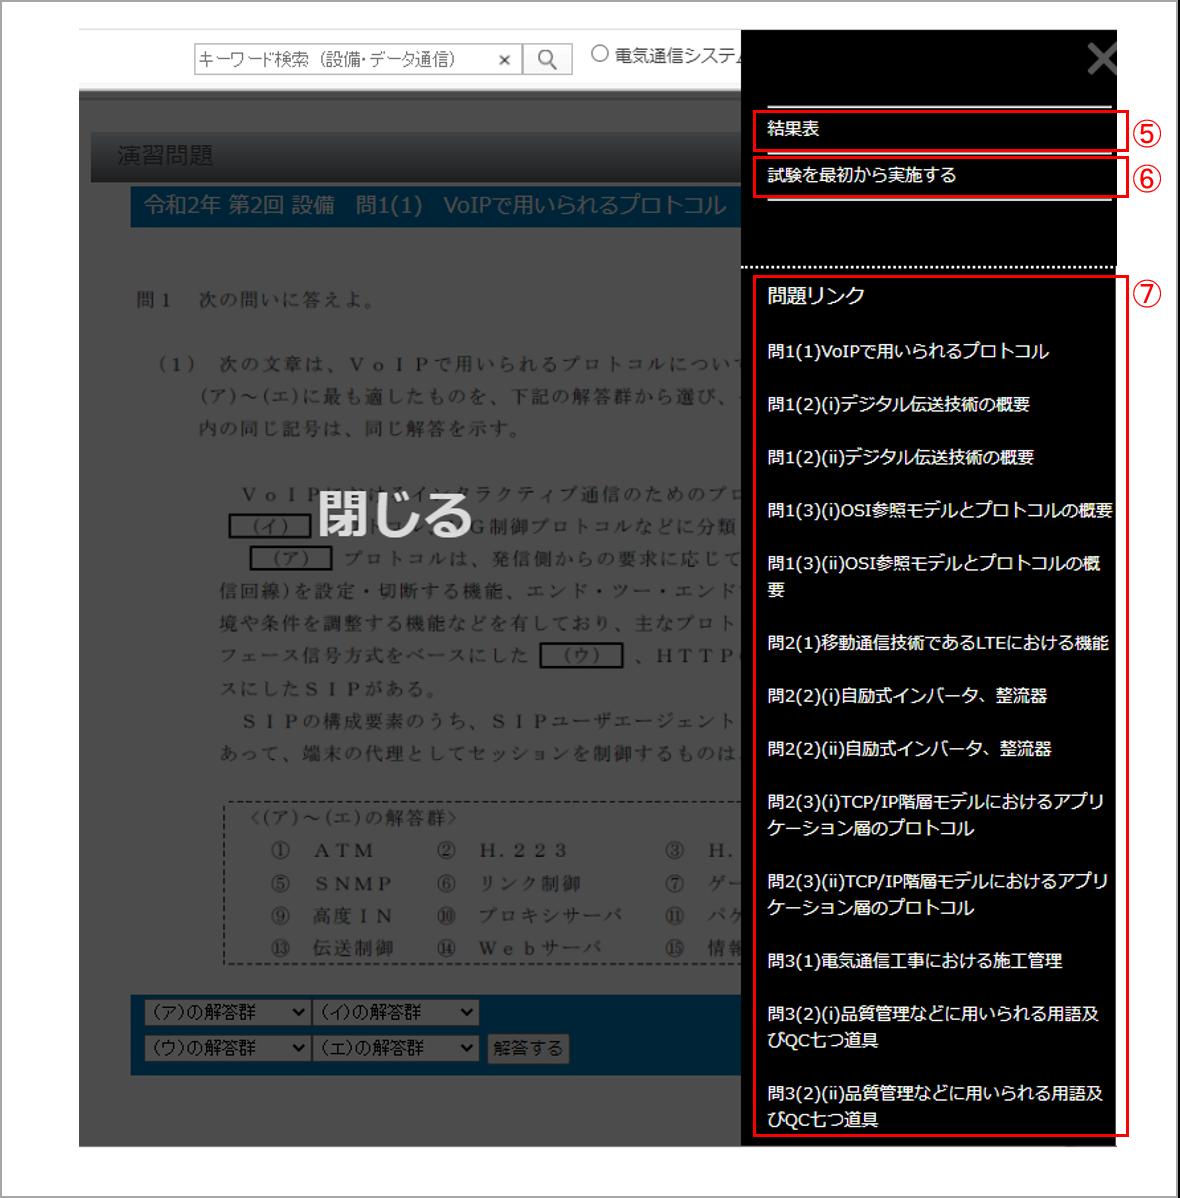 web_app_manu.png